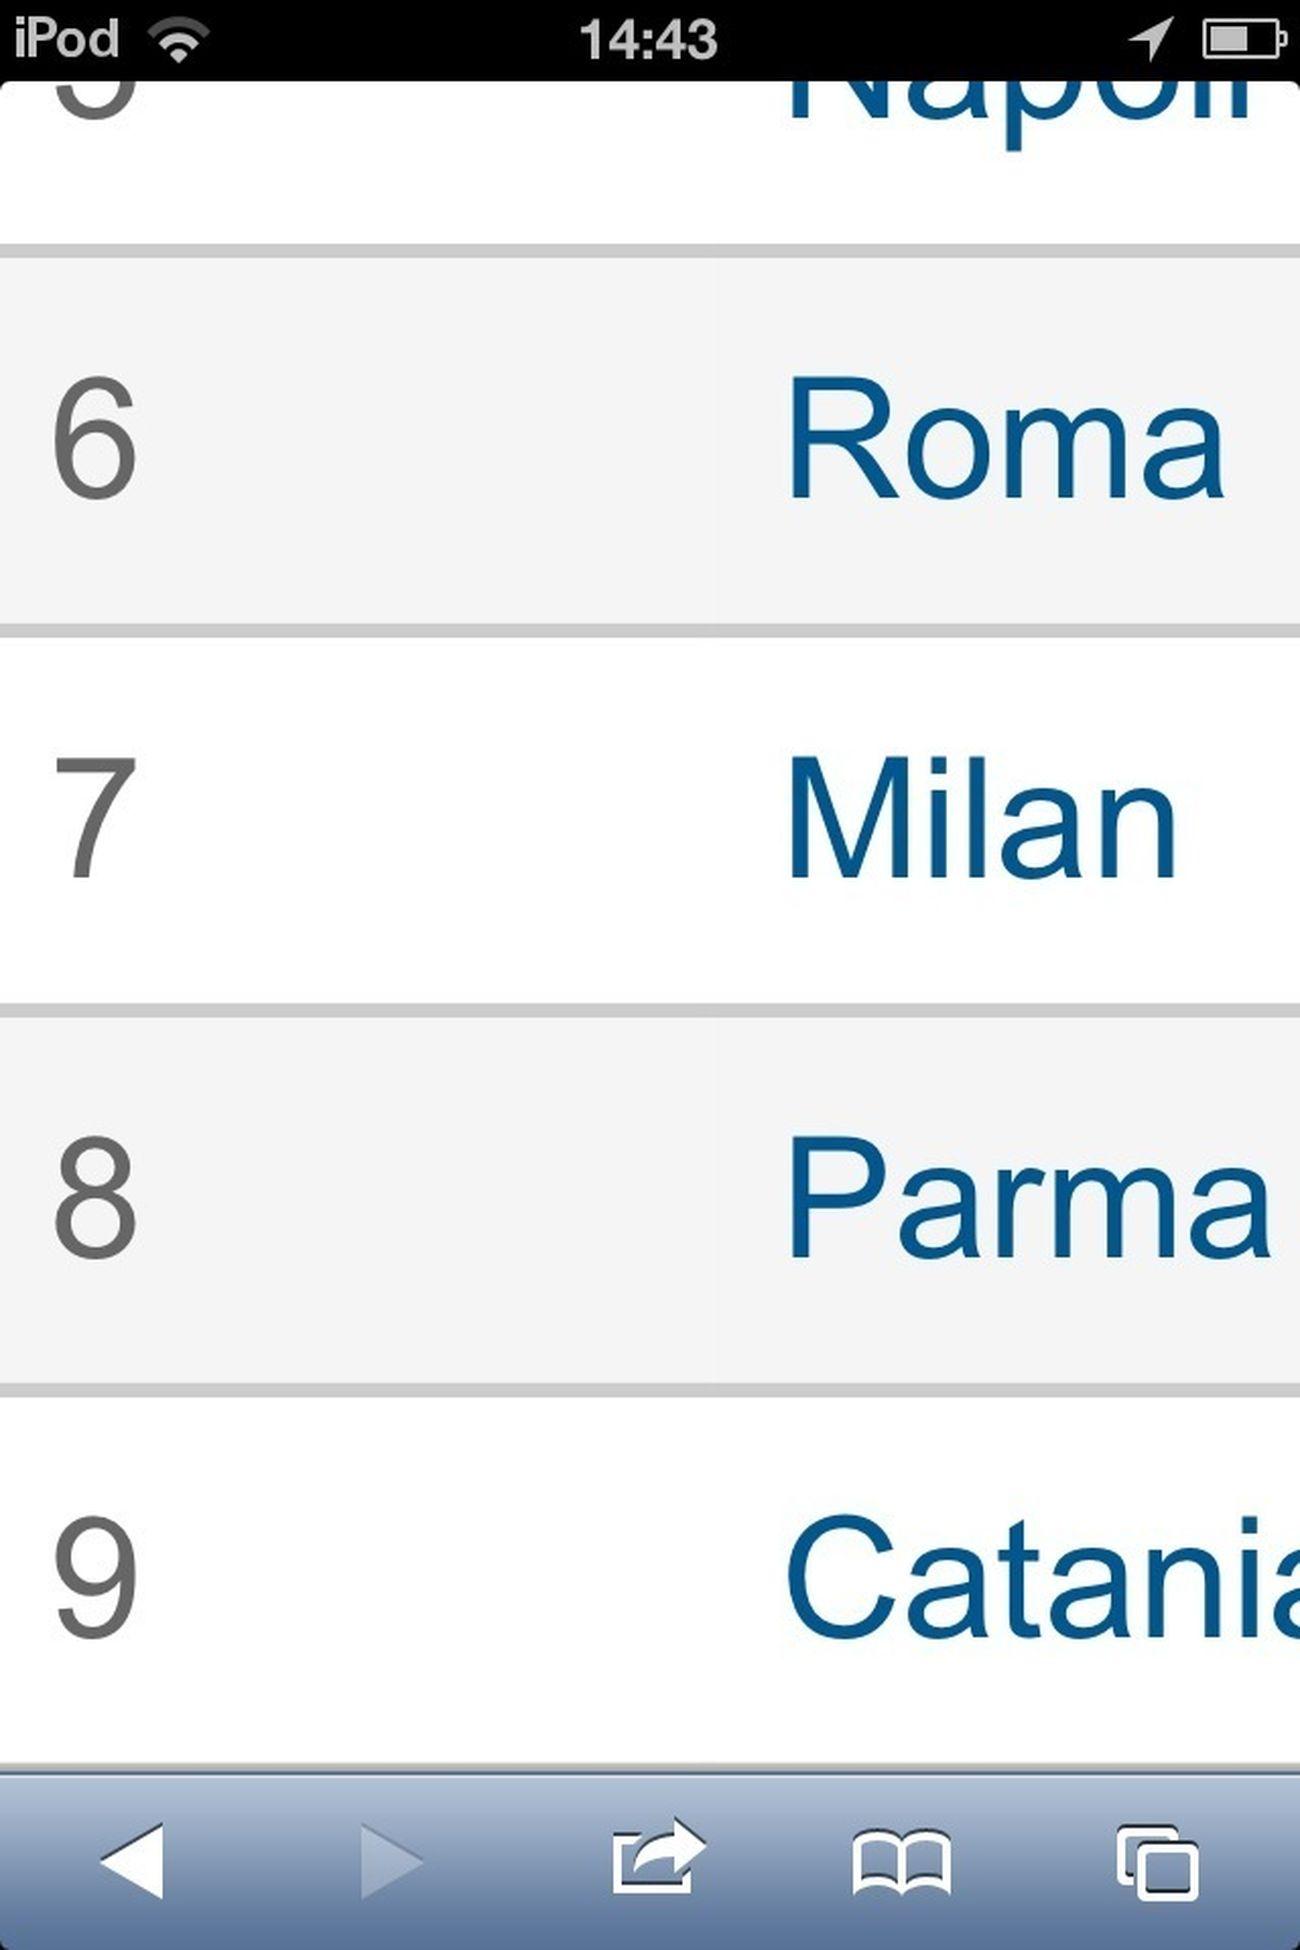 Hahaha Milan 7 Hahaha